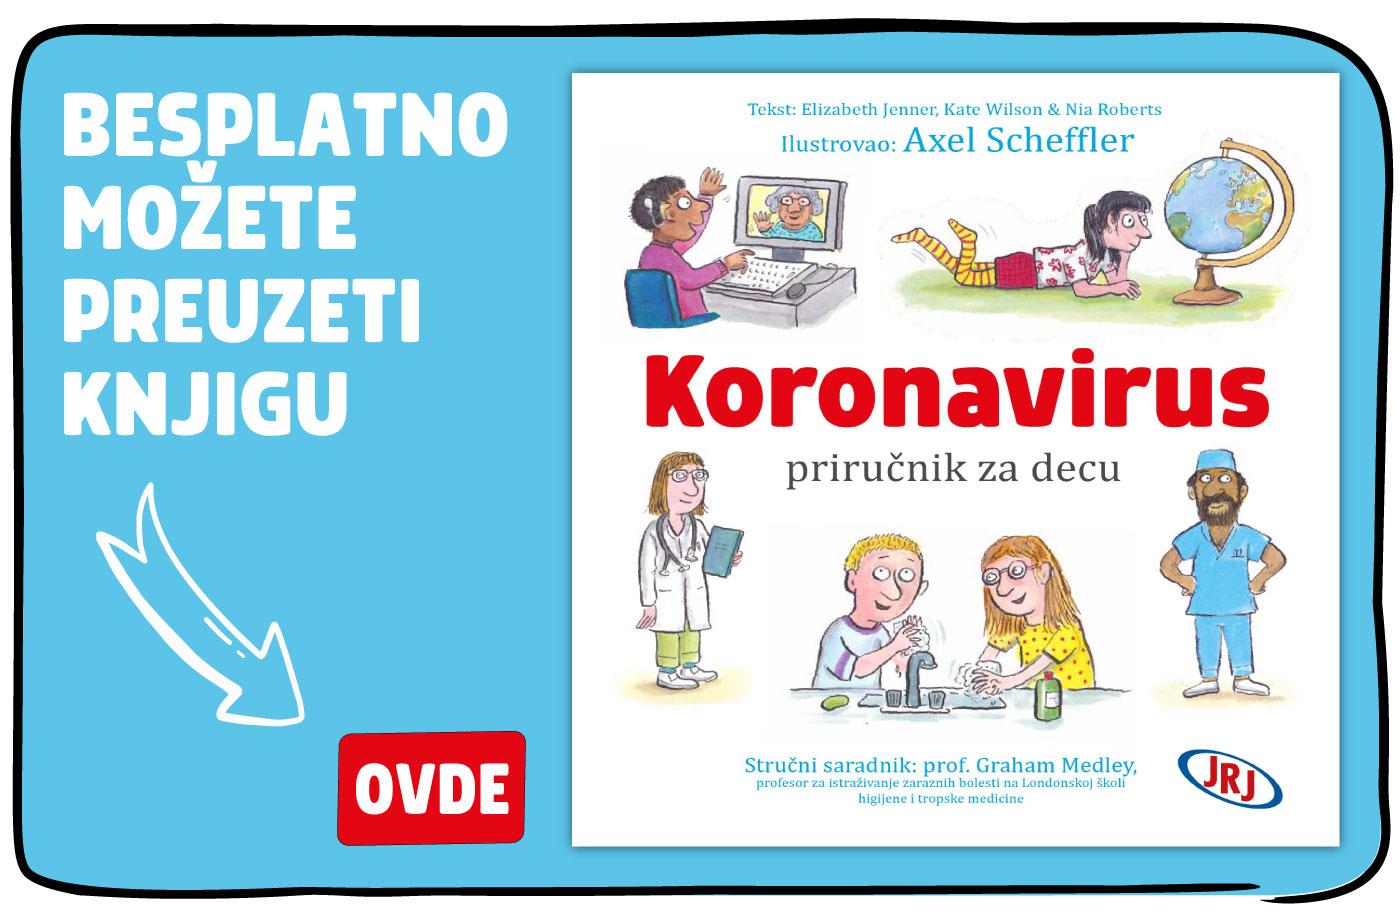 koronavirus prirucnik za decu besplatna knjiga